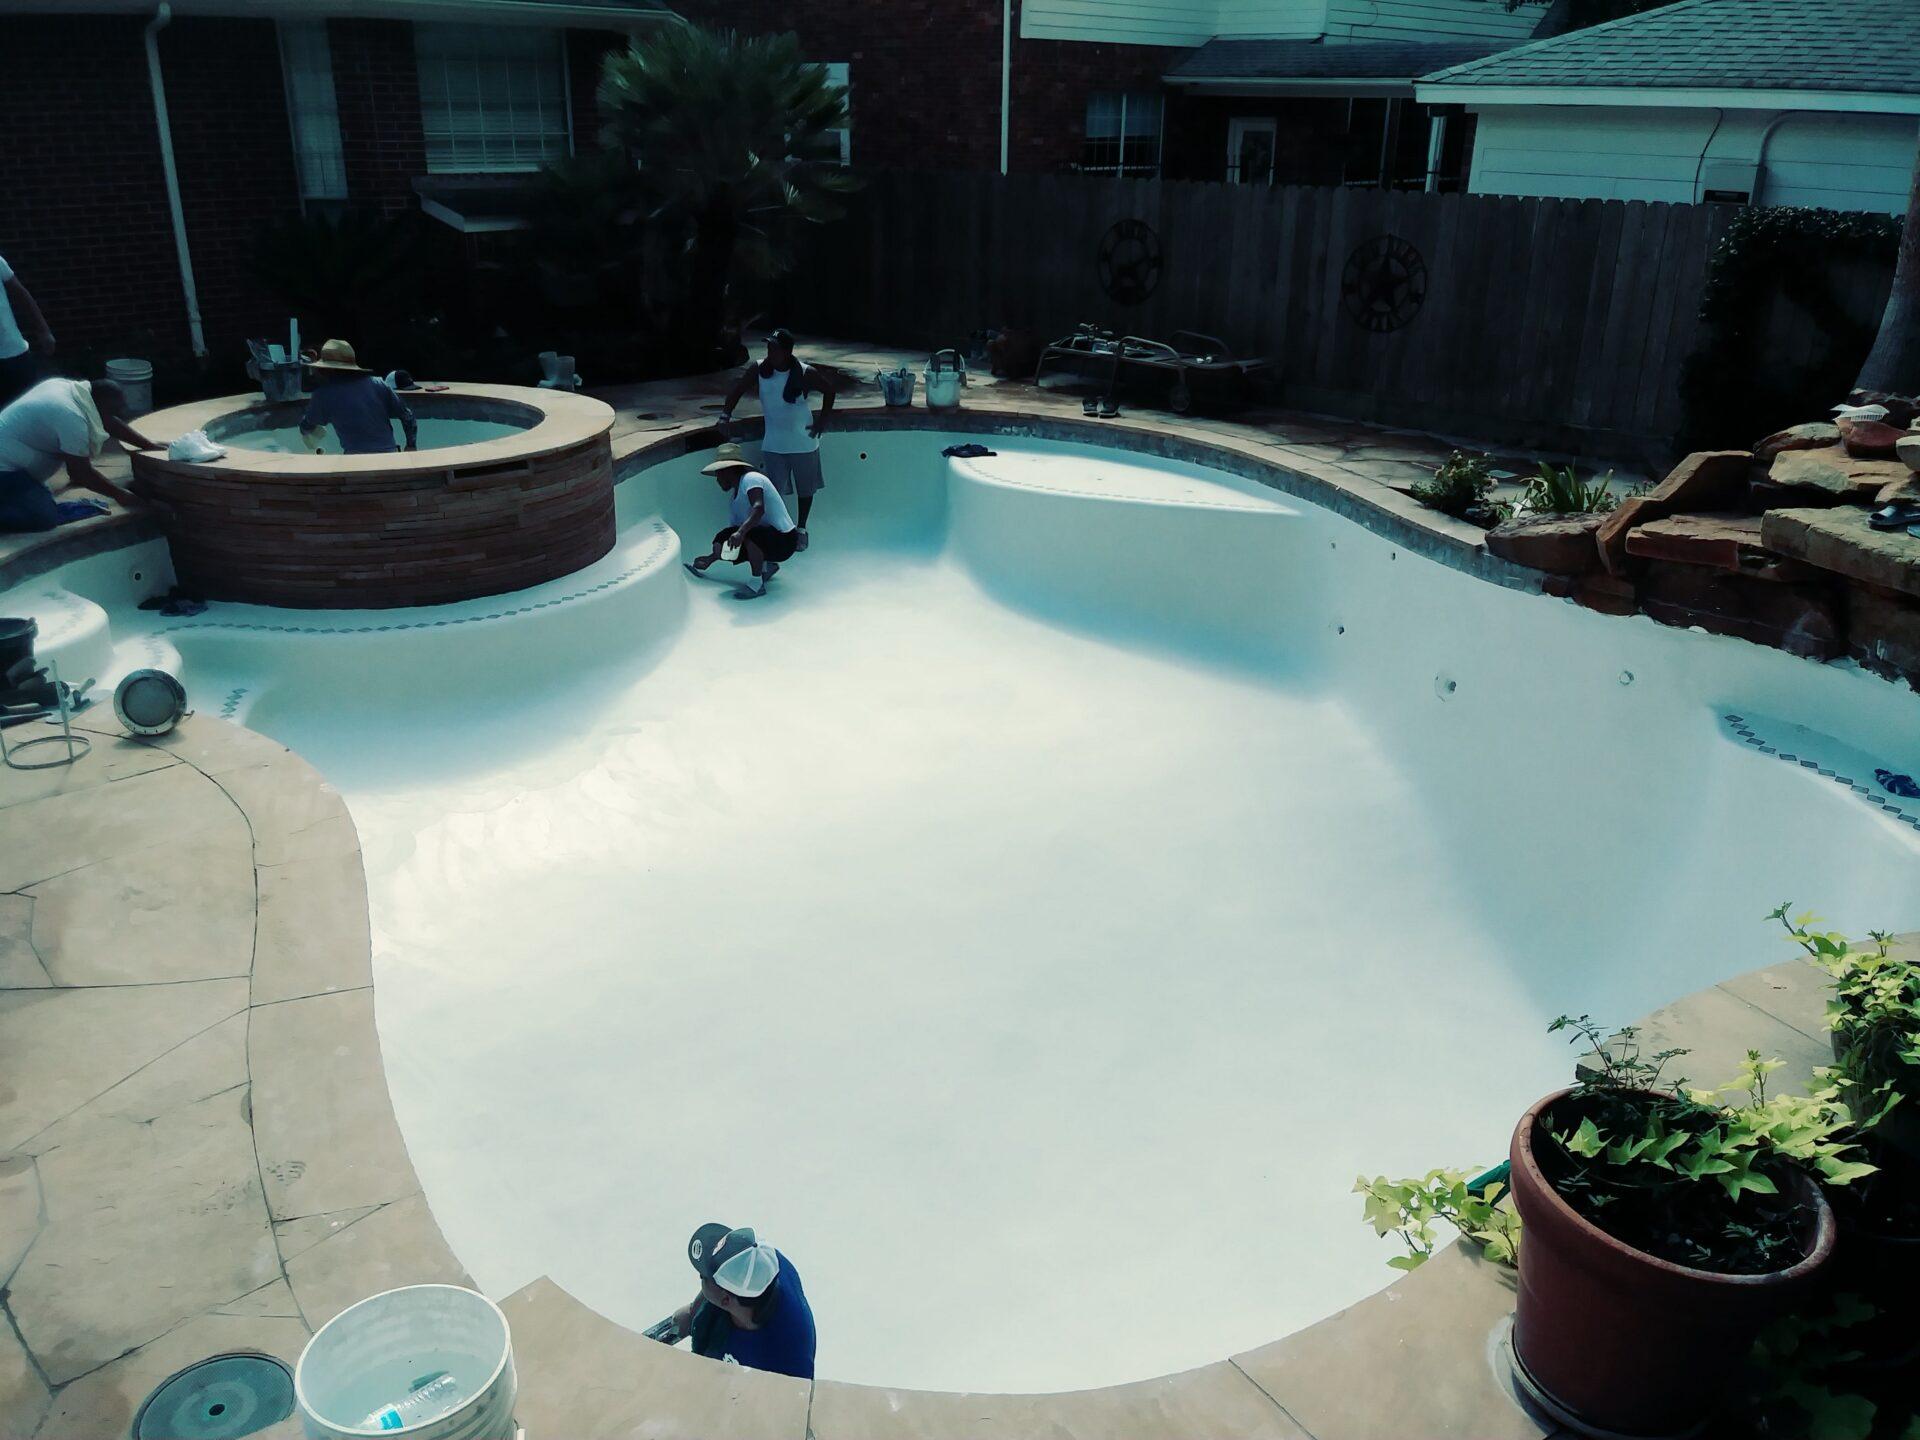 Pool Re-Plaster - Deerfield - After Image002